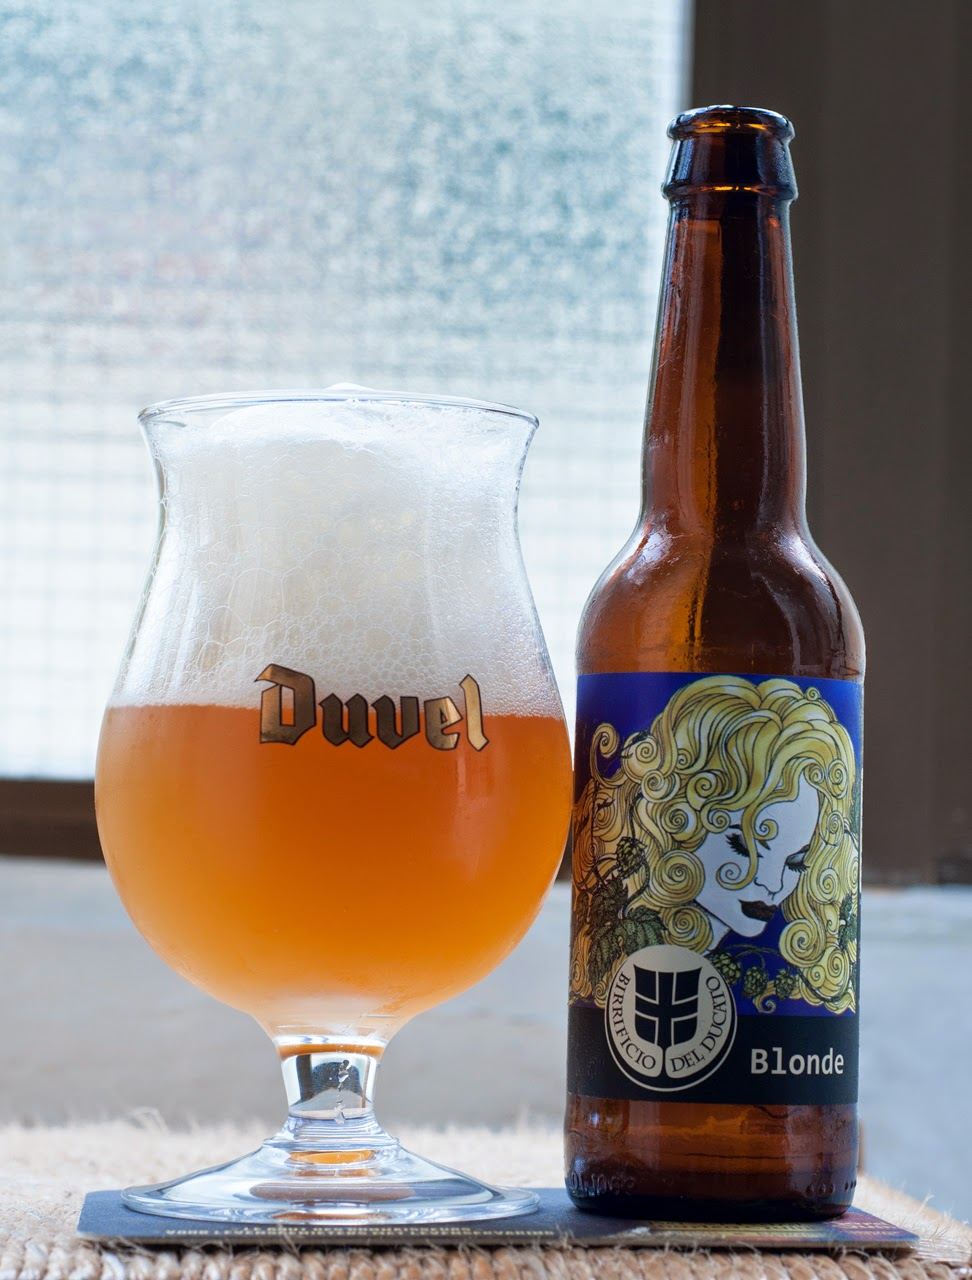 Birrificio del Ducato Blonde